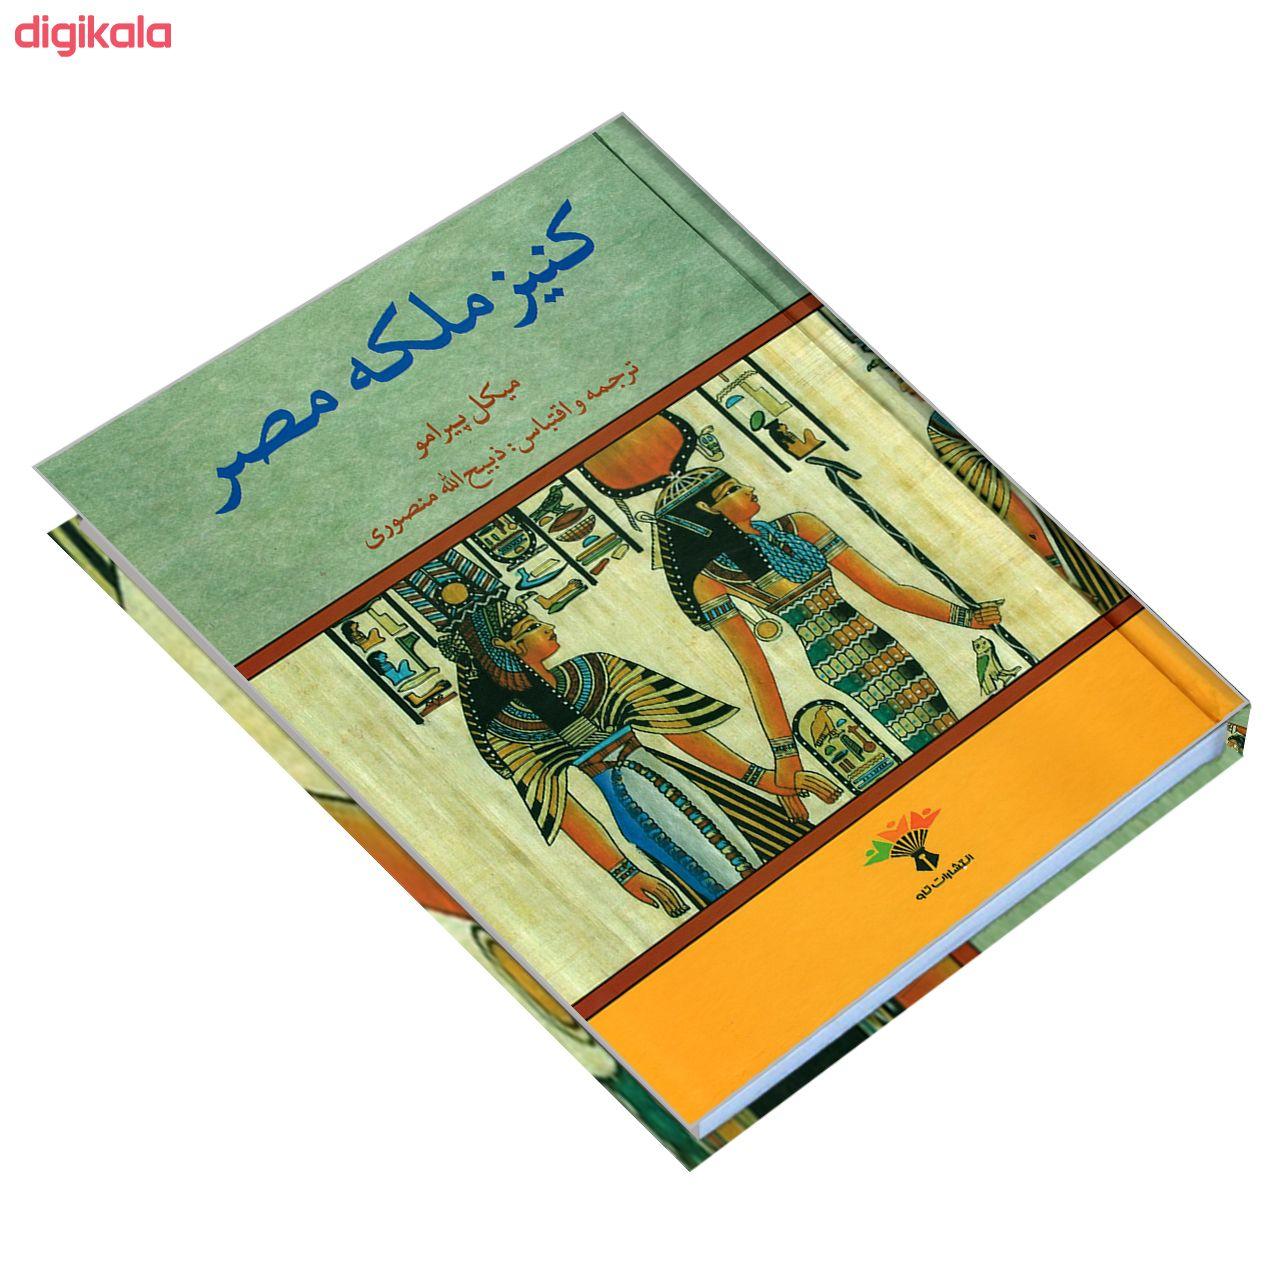 کتاب کنیز ملکه مصر اثر میکل پیرامو نشر تاو main 1 2